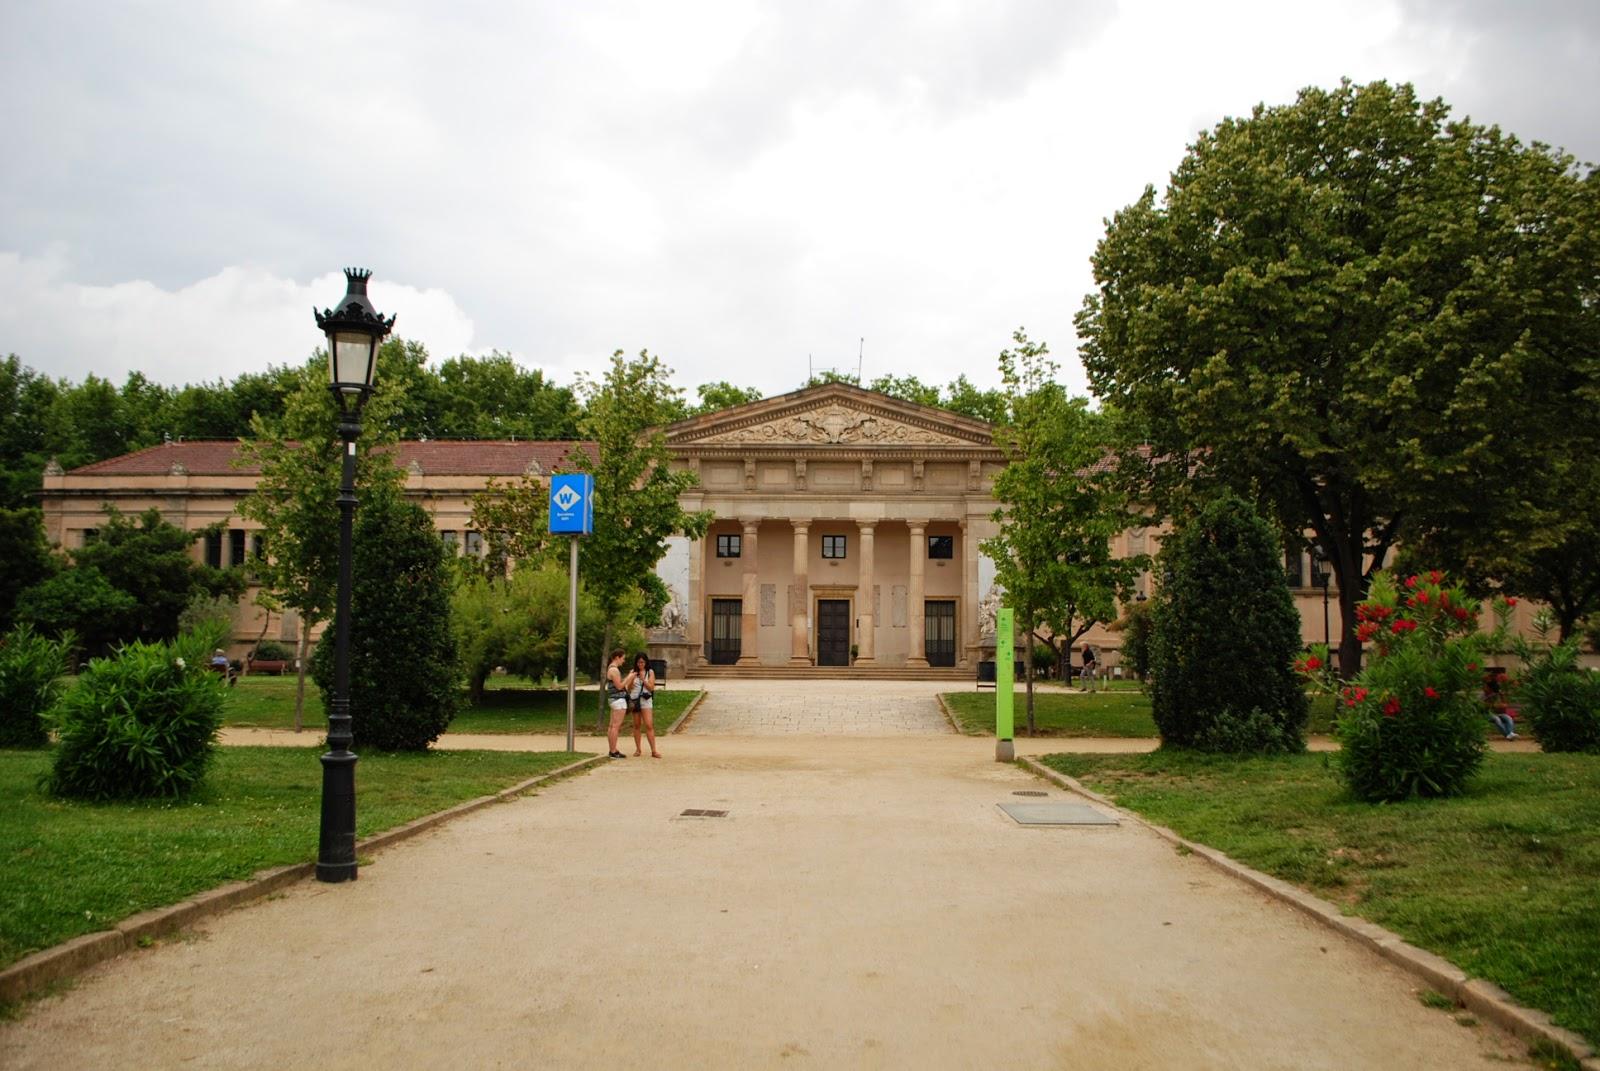 Музей геологии. Парк Цитадели (Сьютаделья, Ciutadella), Барселона, Каталония, Испания. Parc de la Ciutadella, Barcelona, Catalonia, Spain